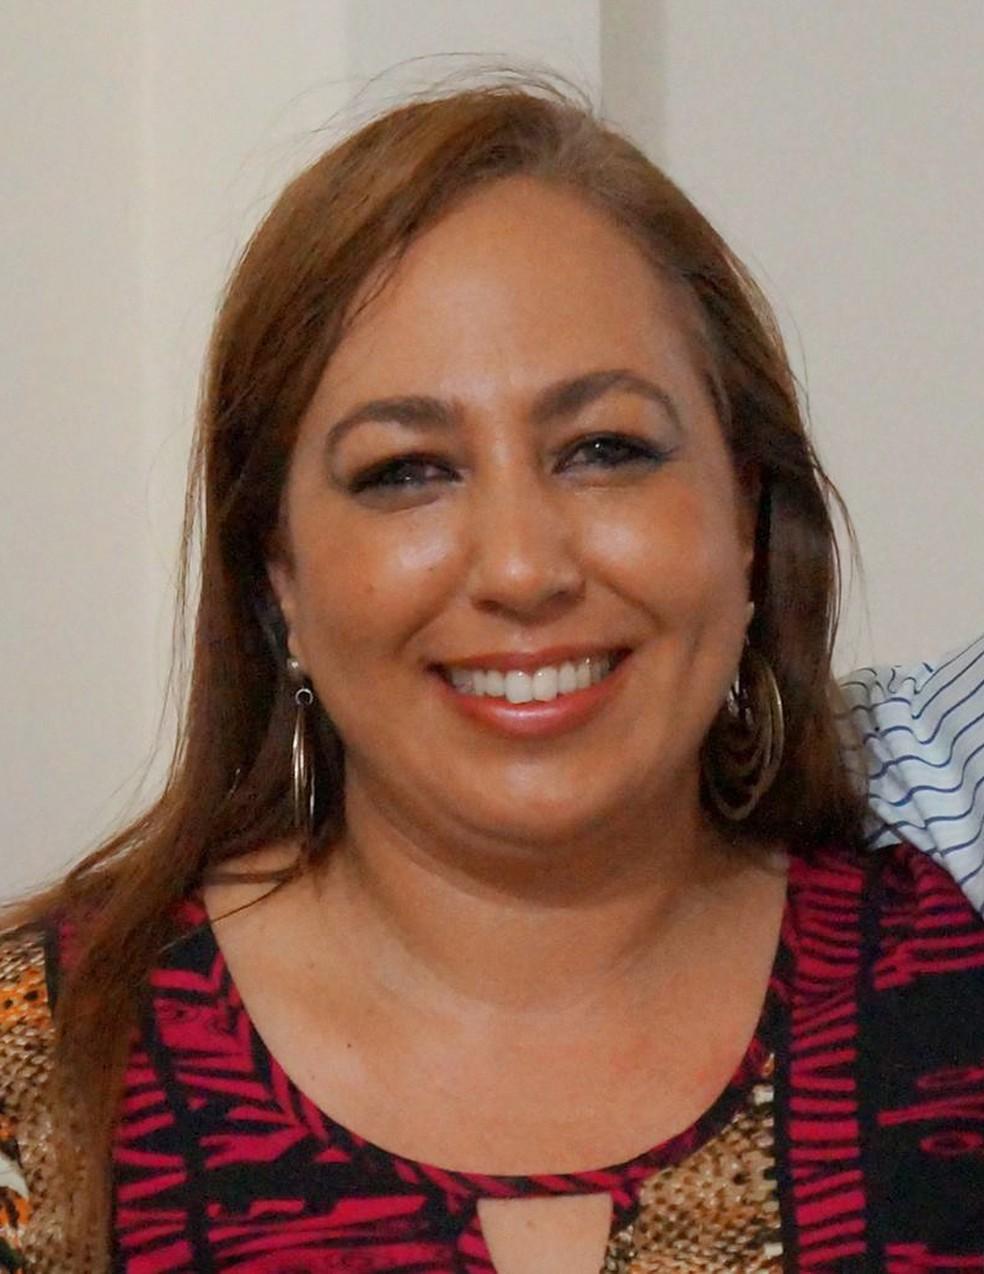 Karina Alessandra Minatti Mori morreu atropelada em Presidente Prudente (Foto: Reprodução/Facebook)